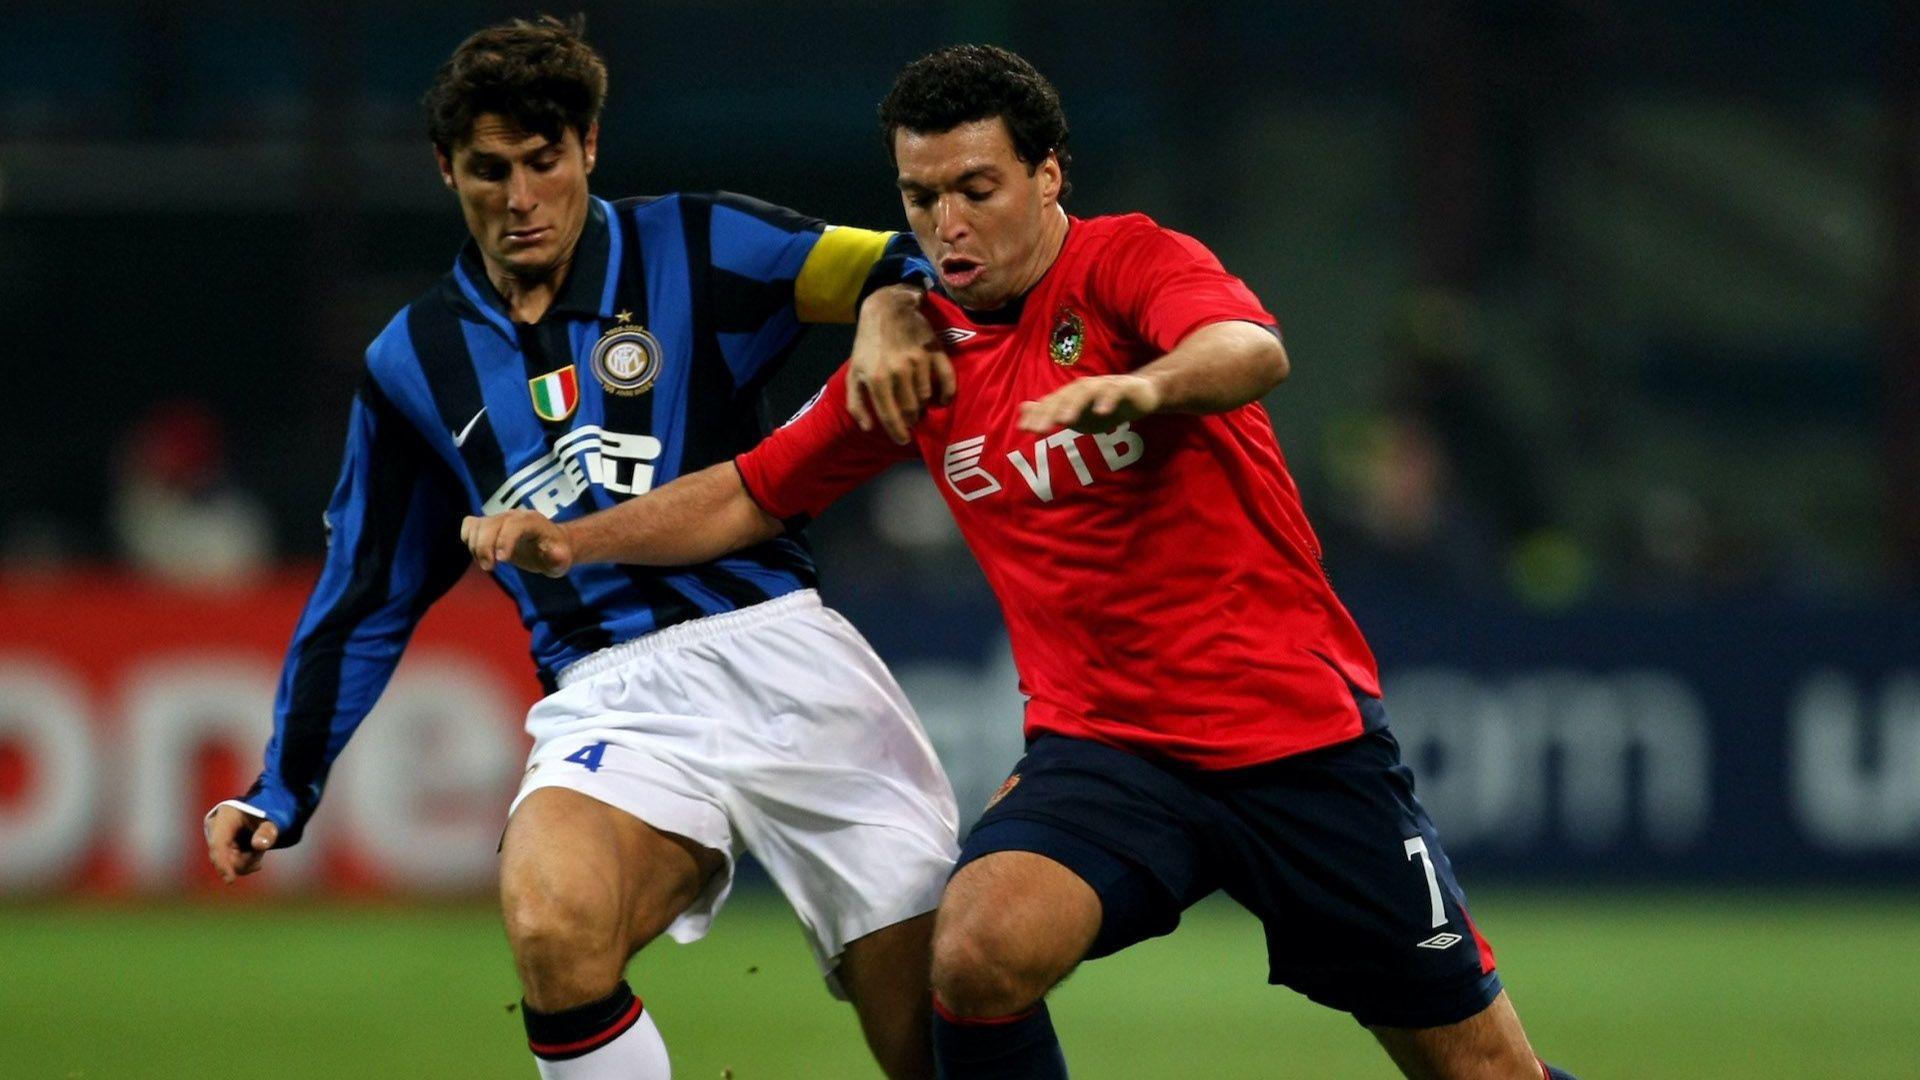 """Носител на Купата на УЕФА  продаде """"кариерата си"""", за да помогне на нуждаещите се"""